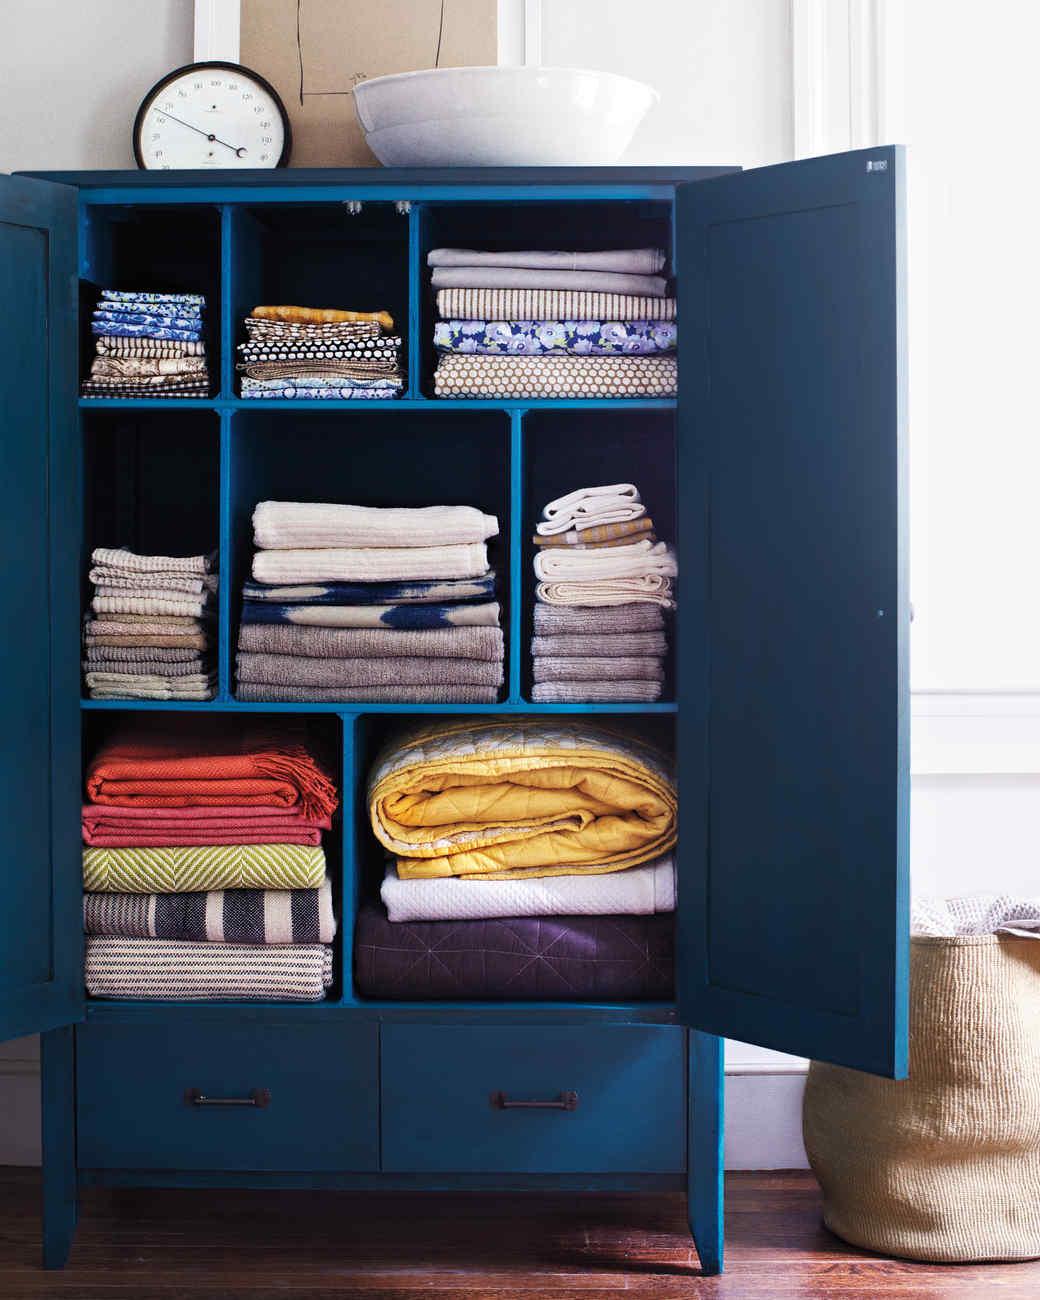 cubbies-storage-armoire-32-d111635.jpg